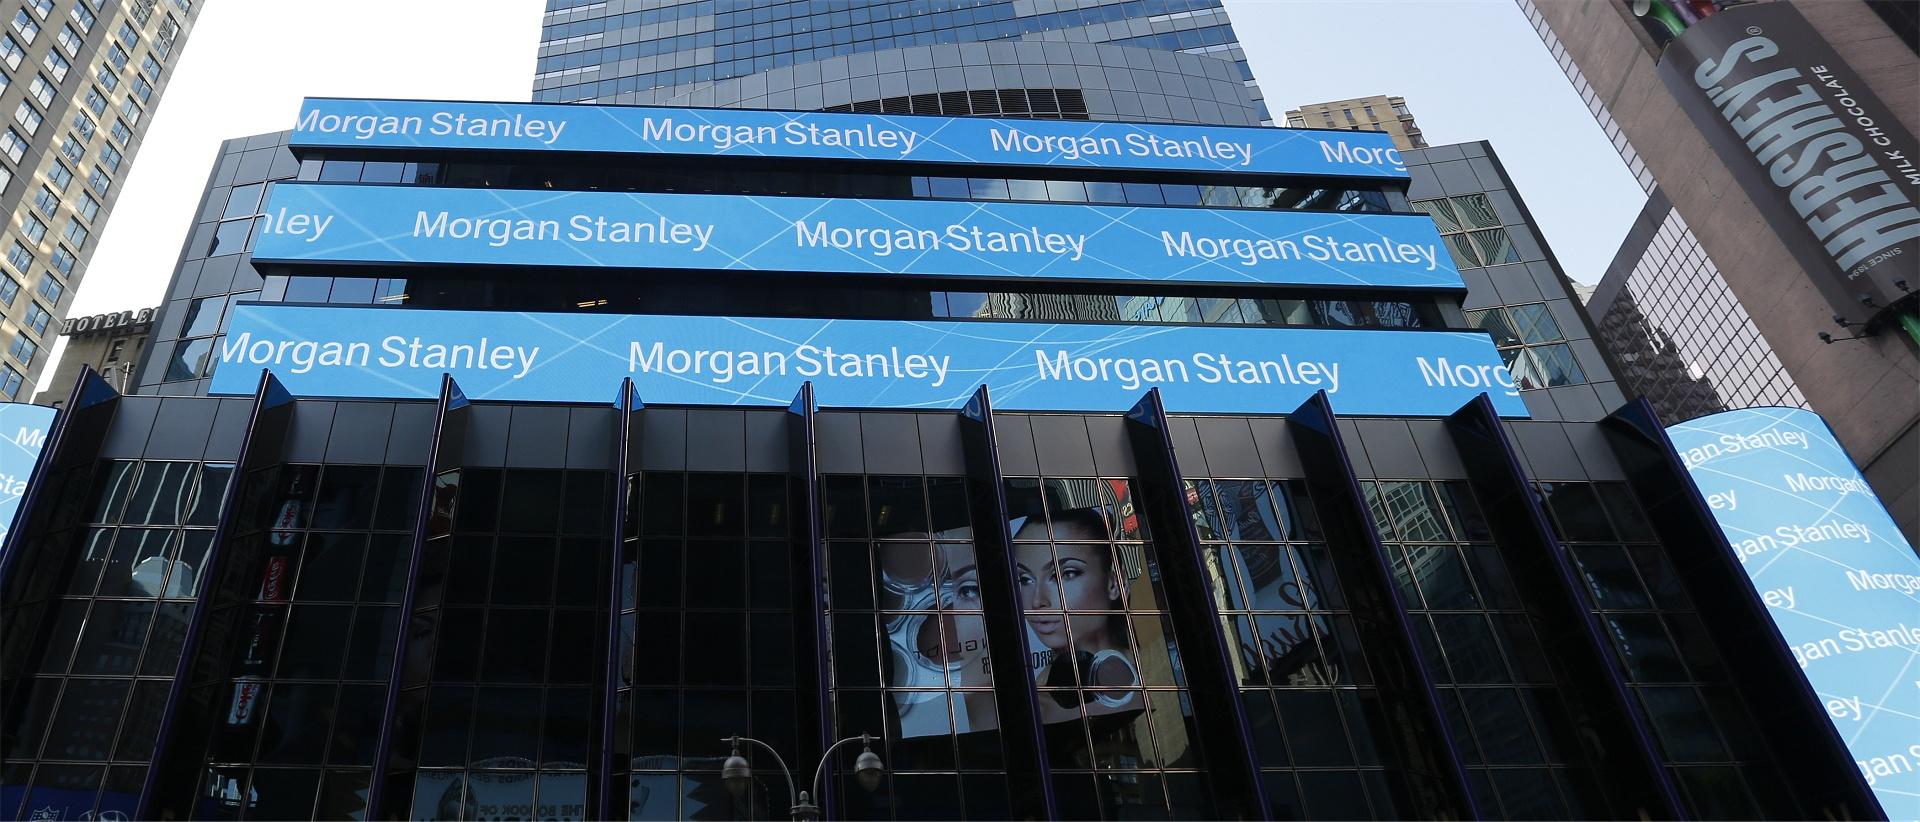 Morgan-Stanley-mit-Rekordresultaten-im-ersten-Quartal